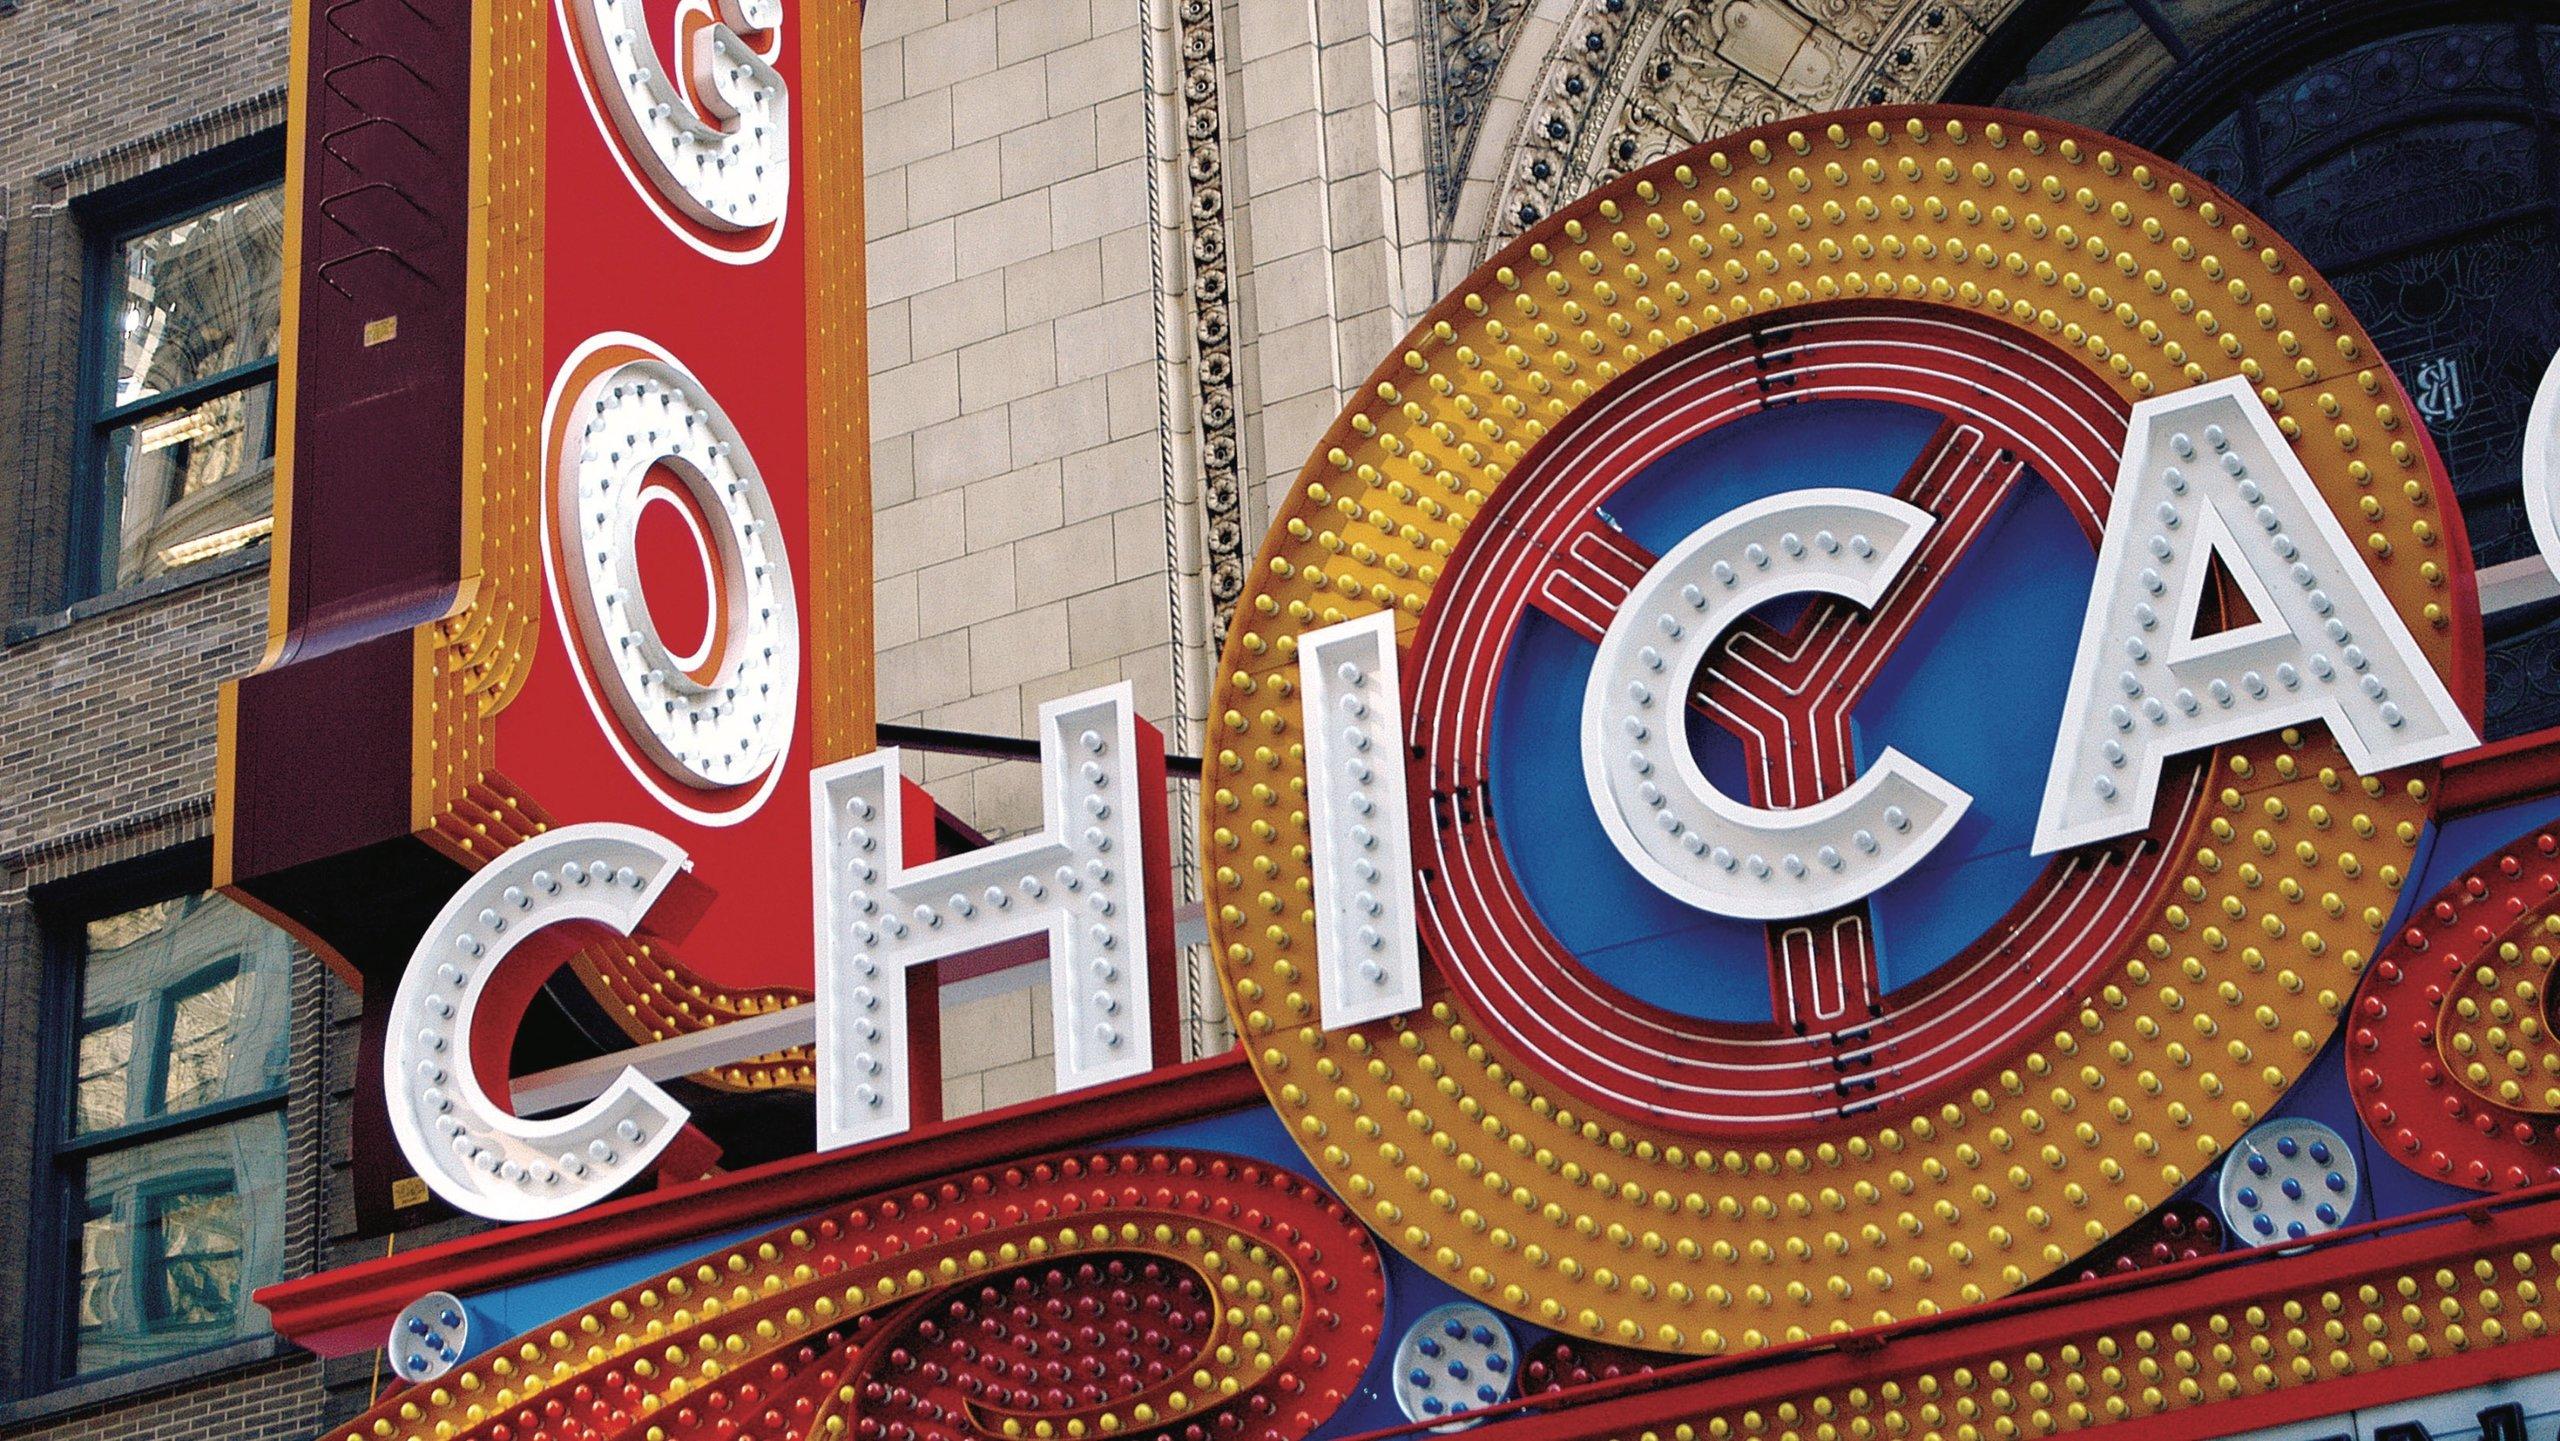 Chicago Theatre, Chicago, Illinois, Stati Uniti d'America